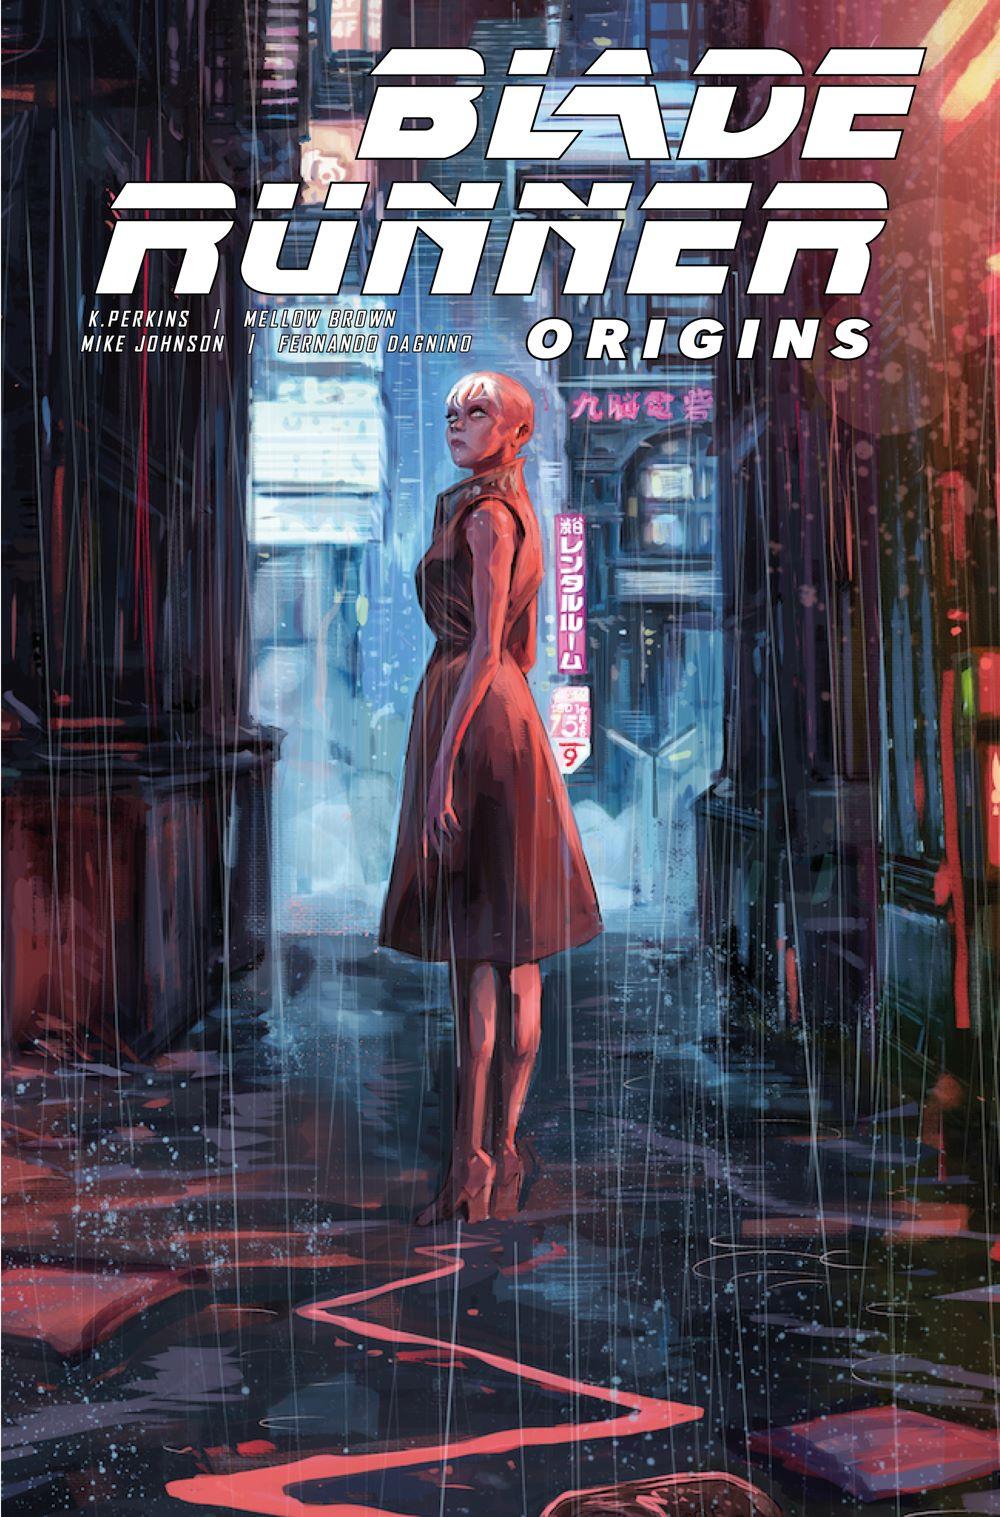 Blade-Runner-Origins-4A-HERNANDEZ Titan Comics May 2021 Solicitations